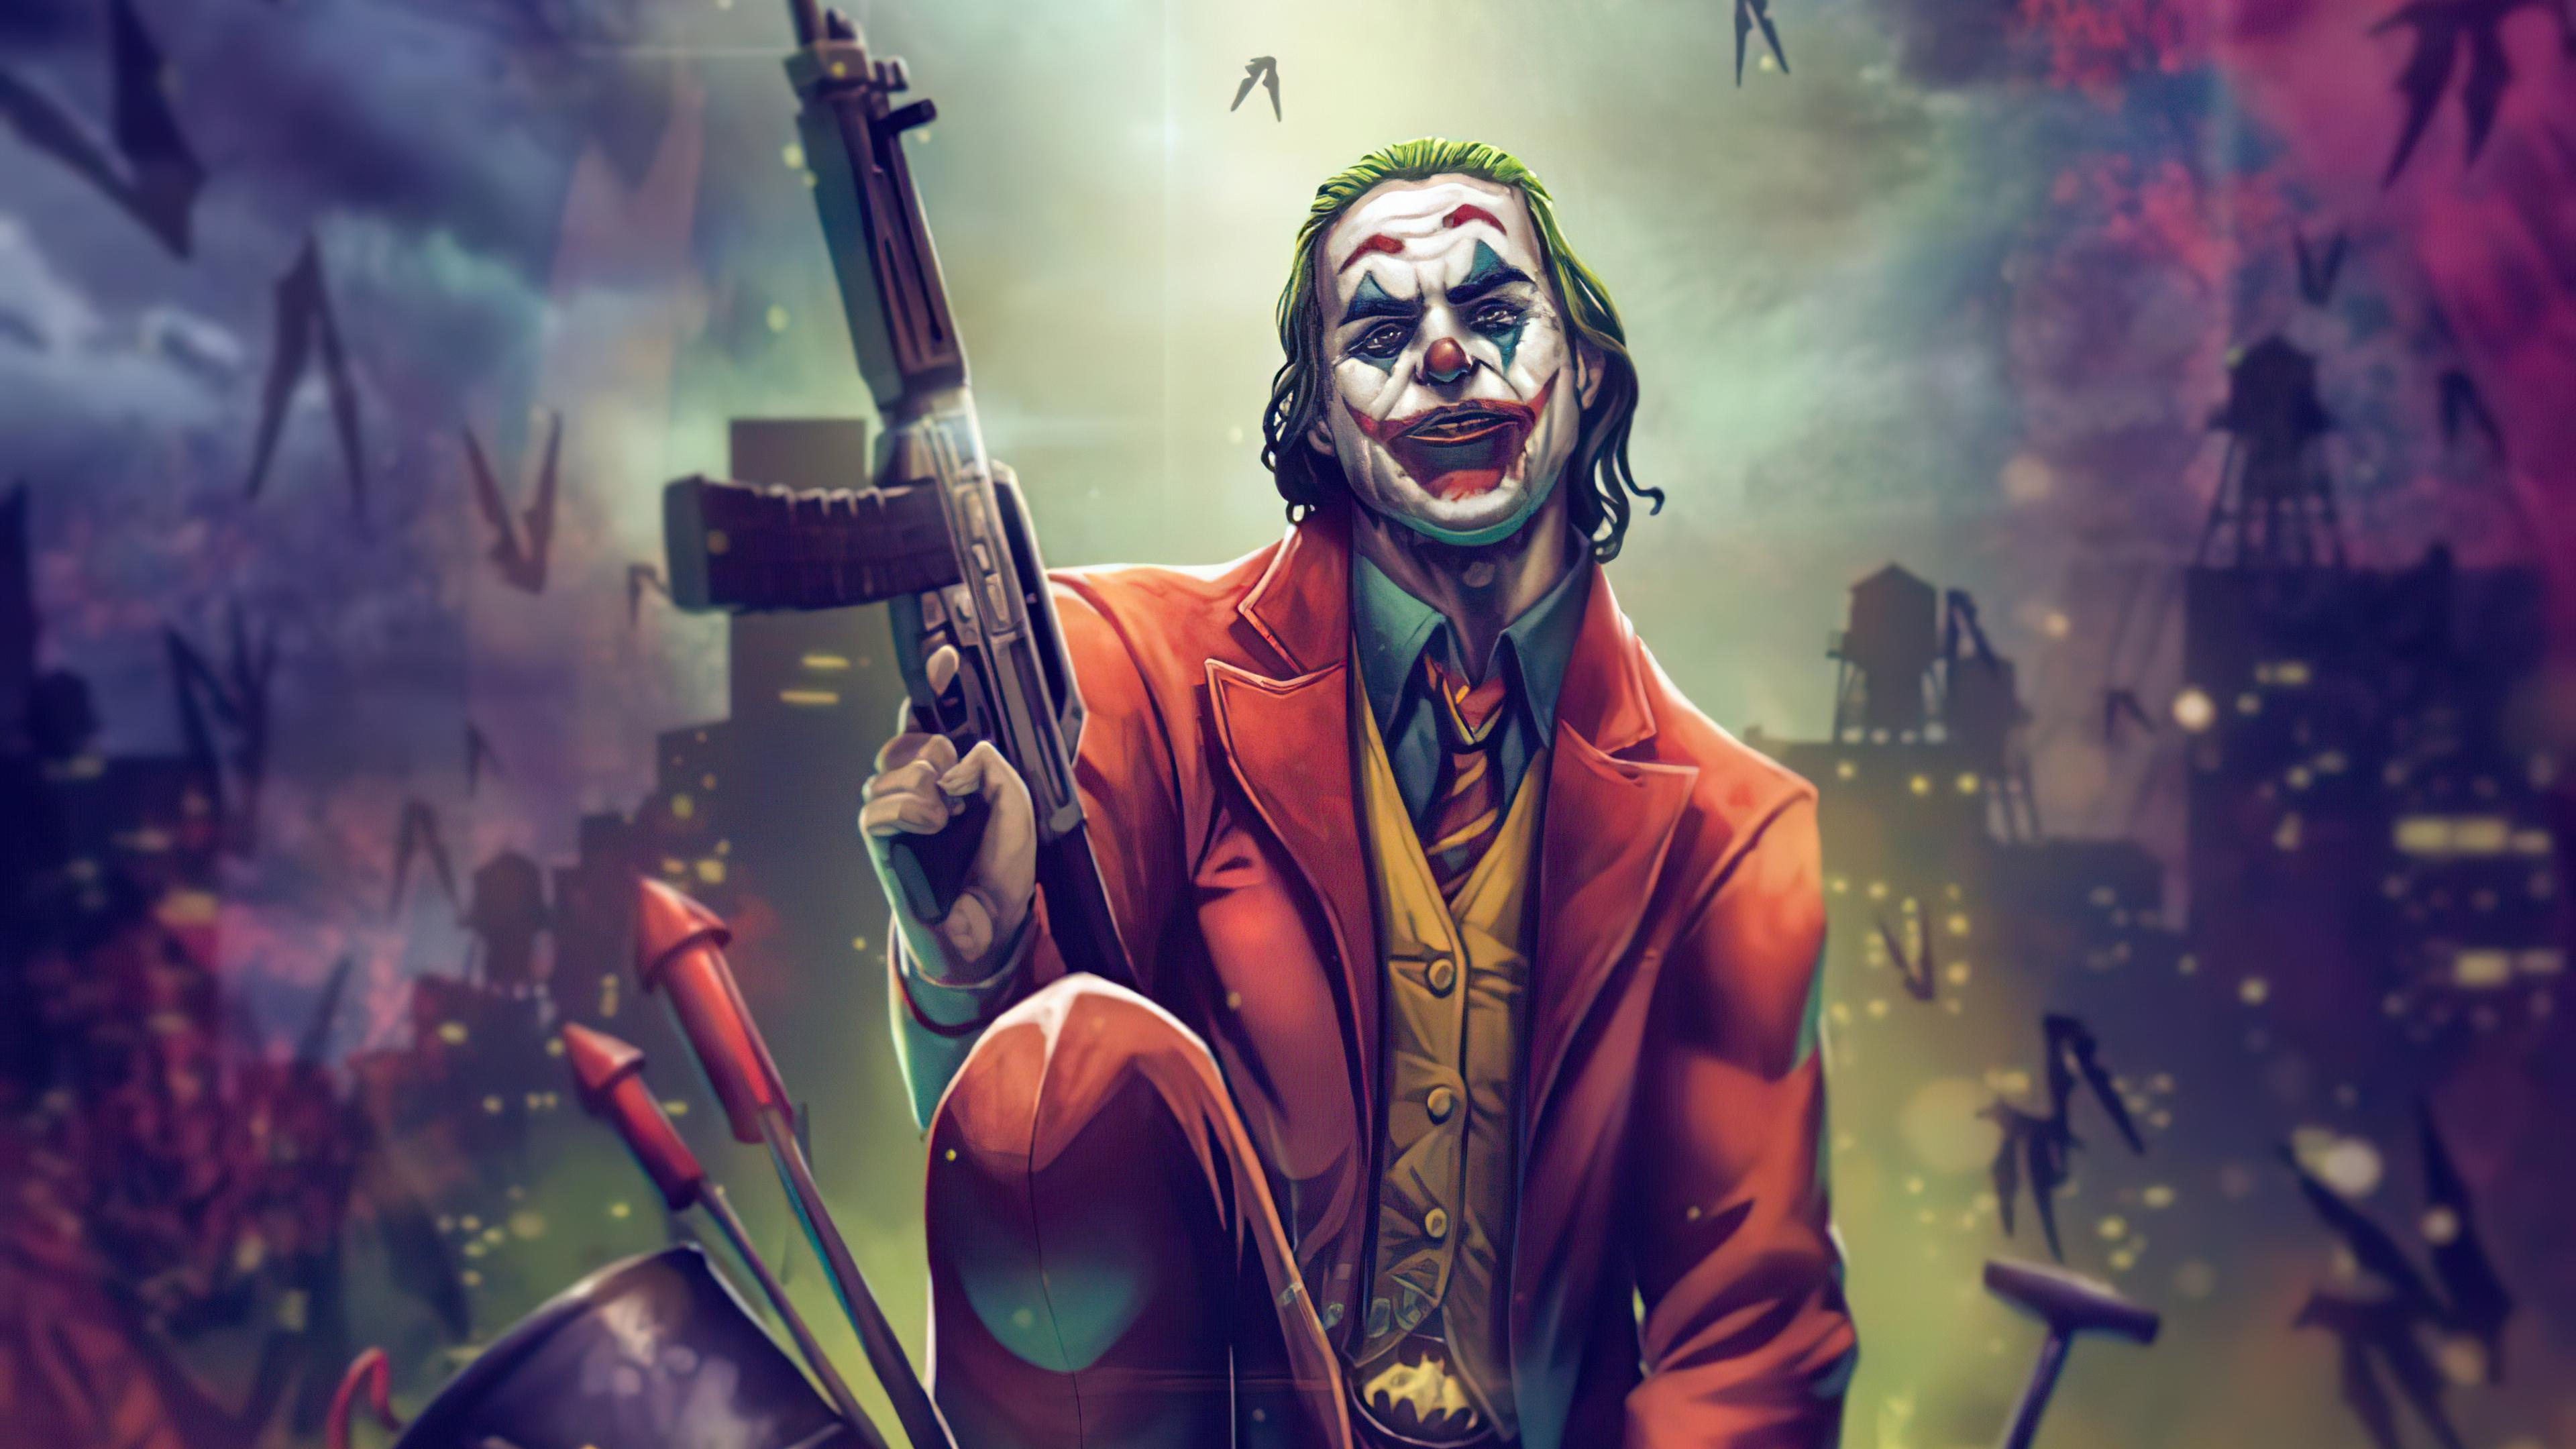 1366x768 Joker With Gun Up 4k 1366x768 Resolution HD 4k ...